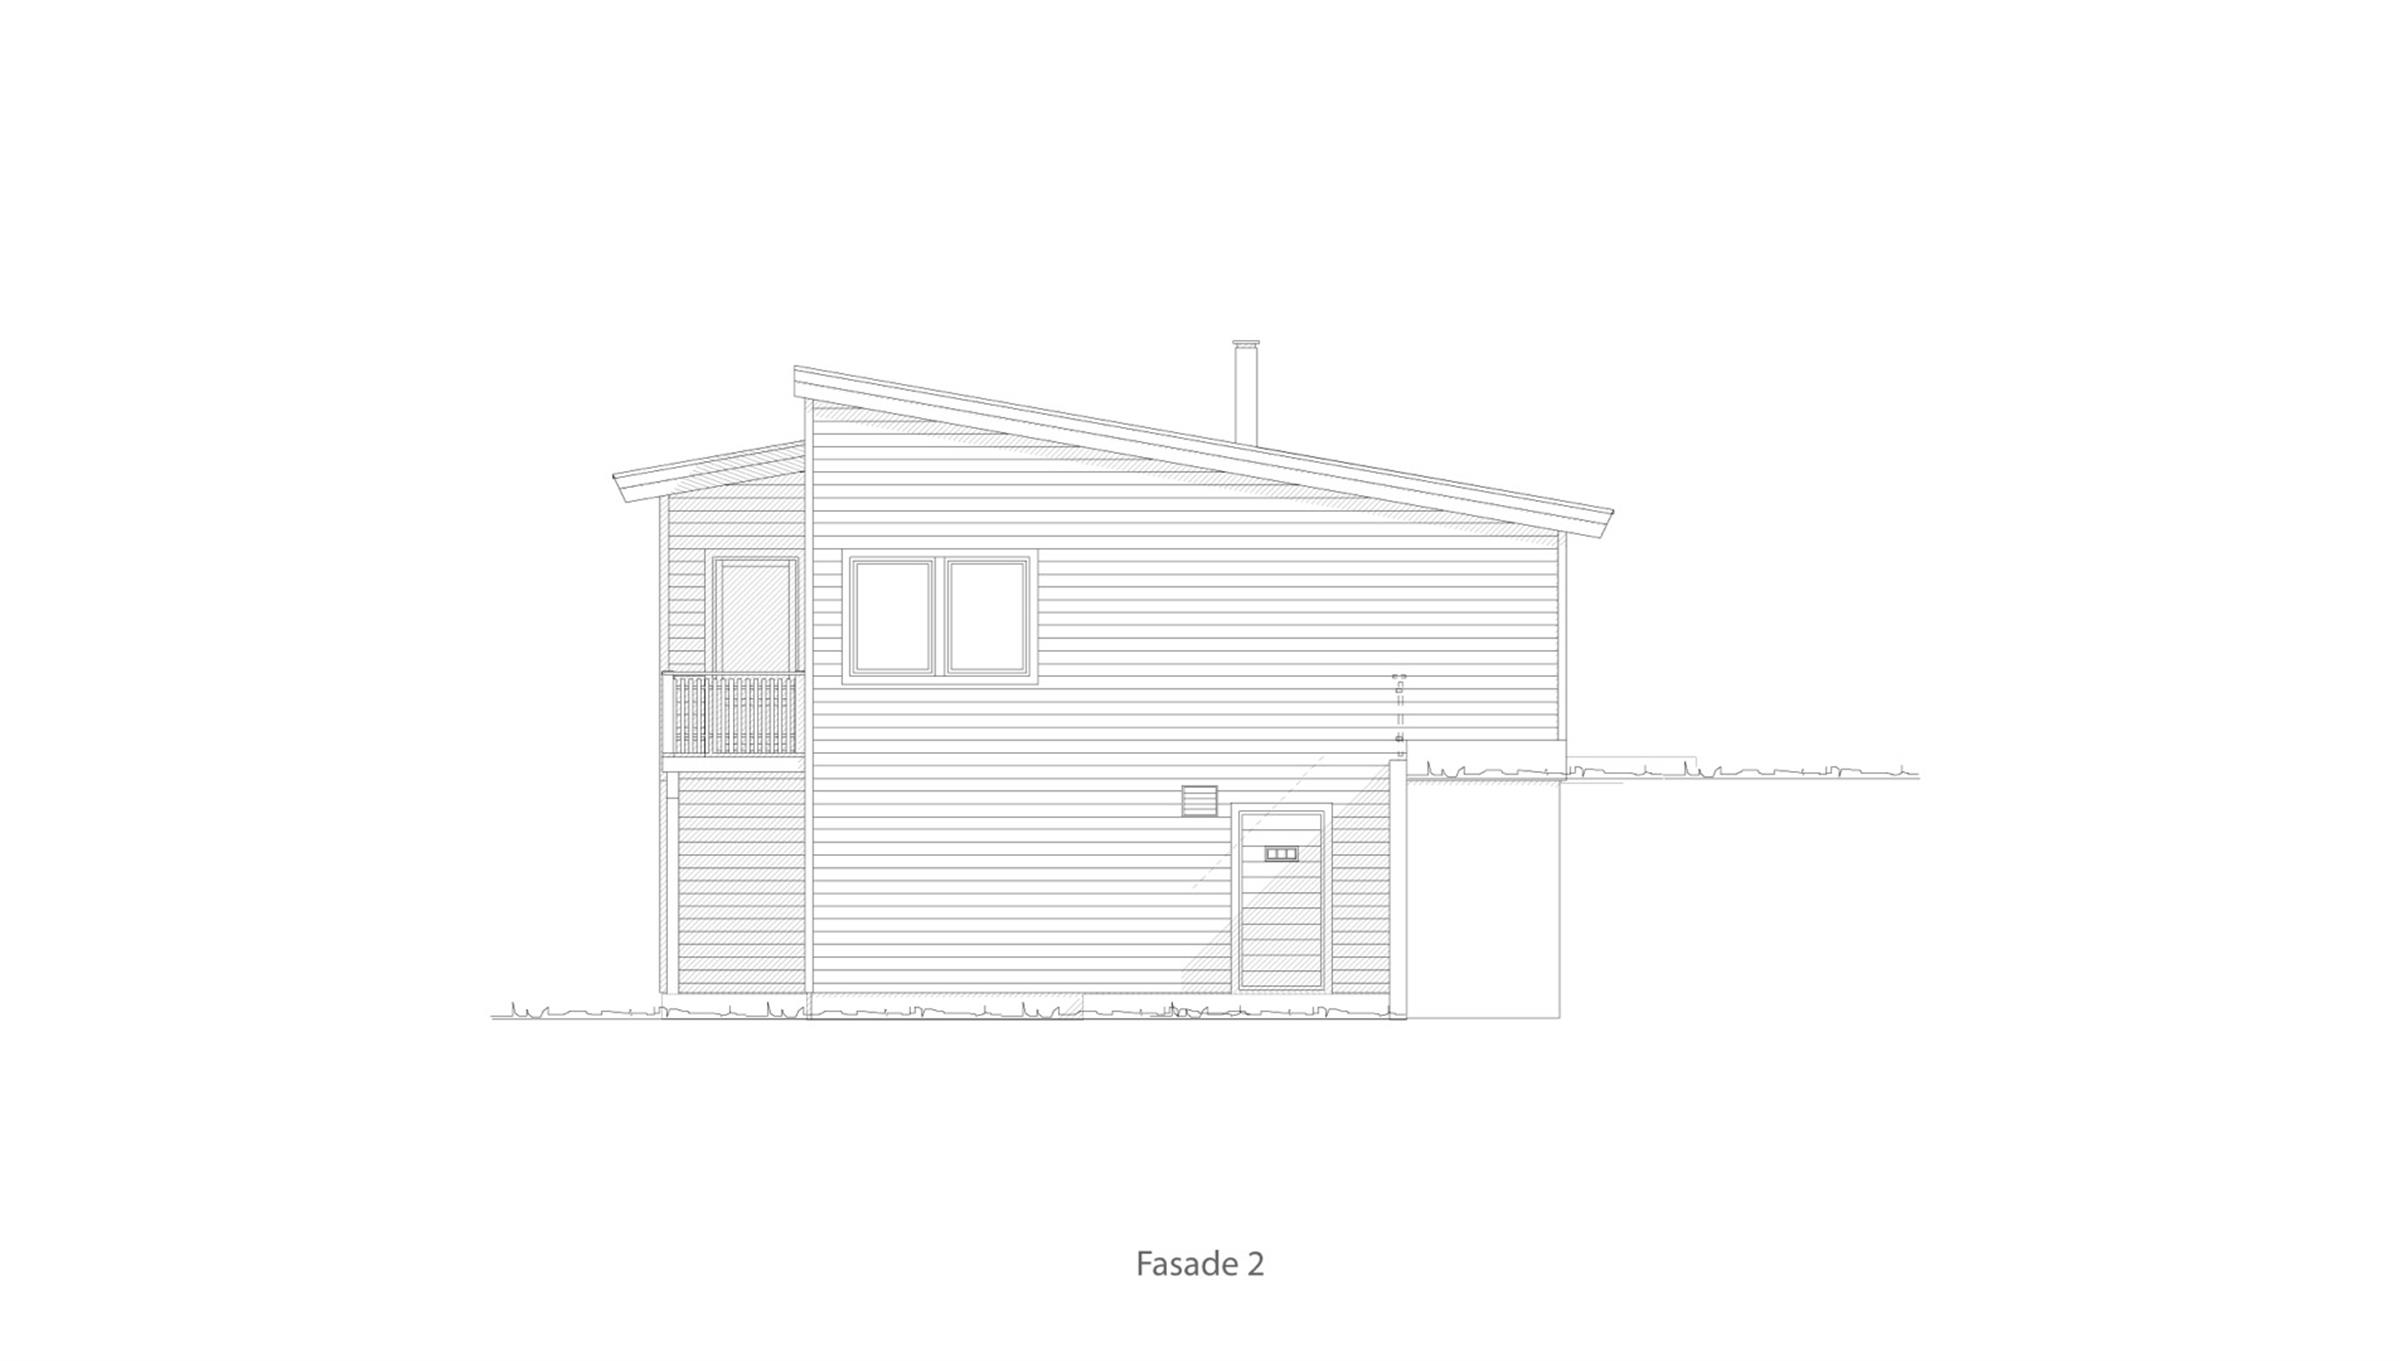 Åsgårdstrand fasade 2